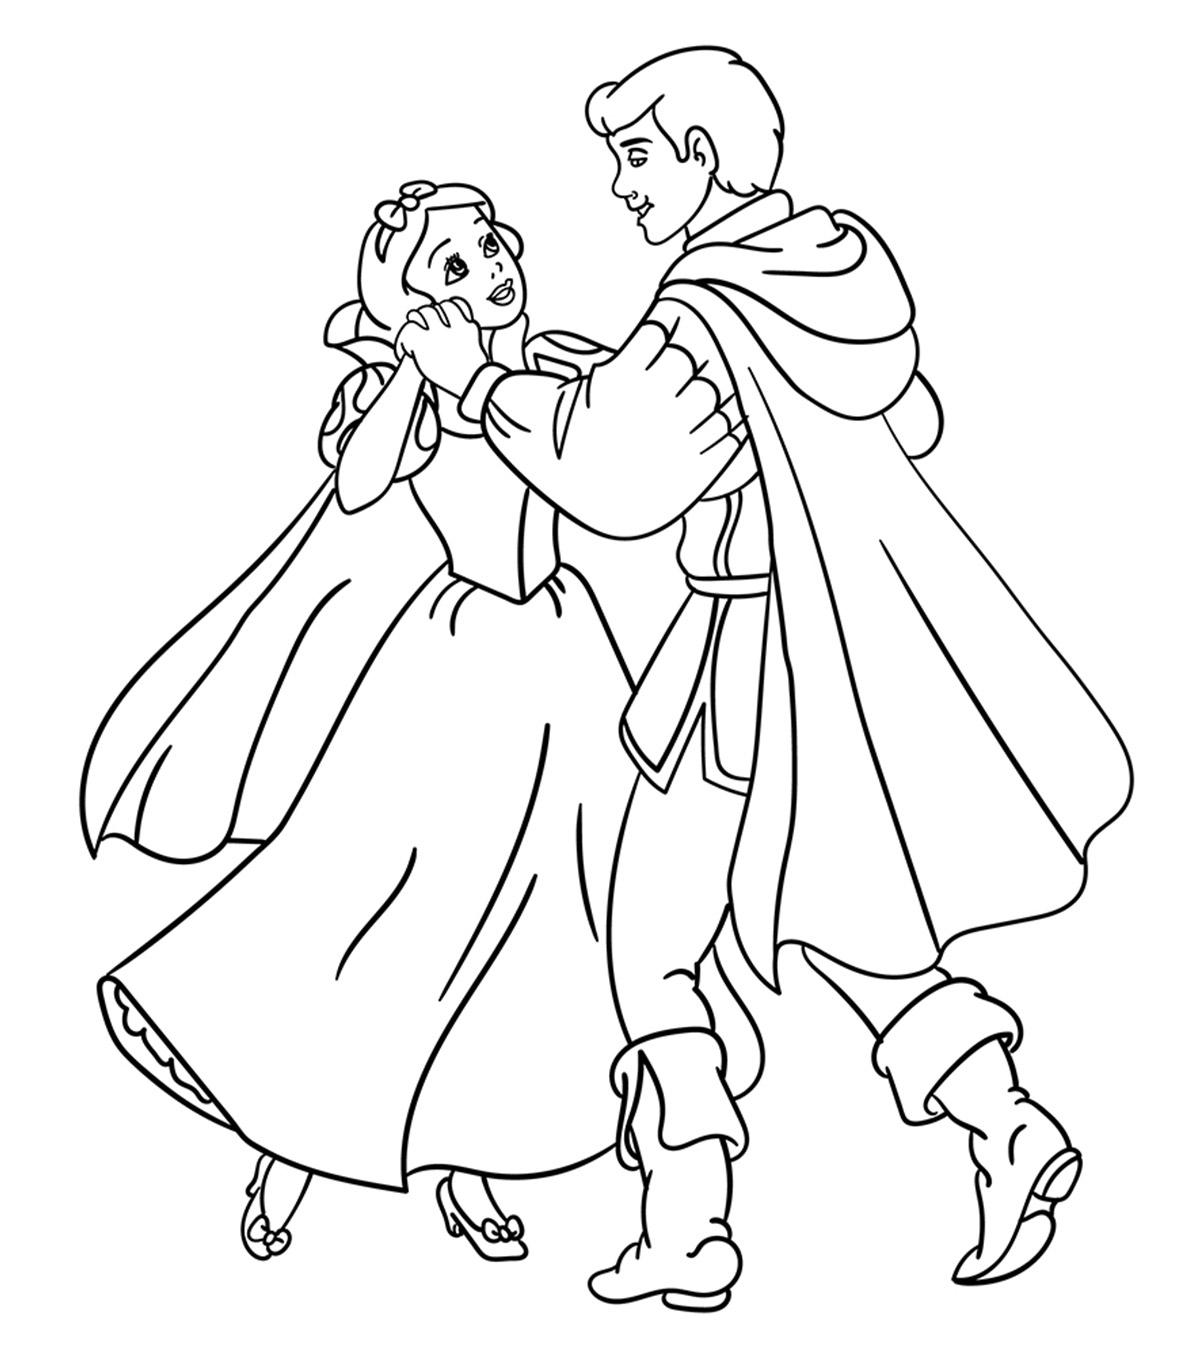 Tranh tô màu công chúa bạch tuyết và hoàng tử